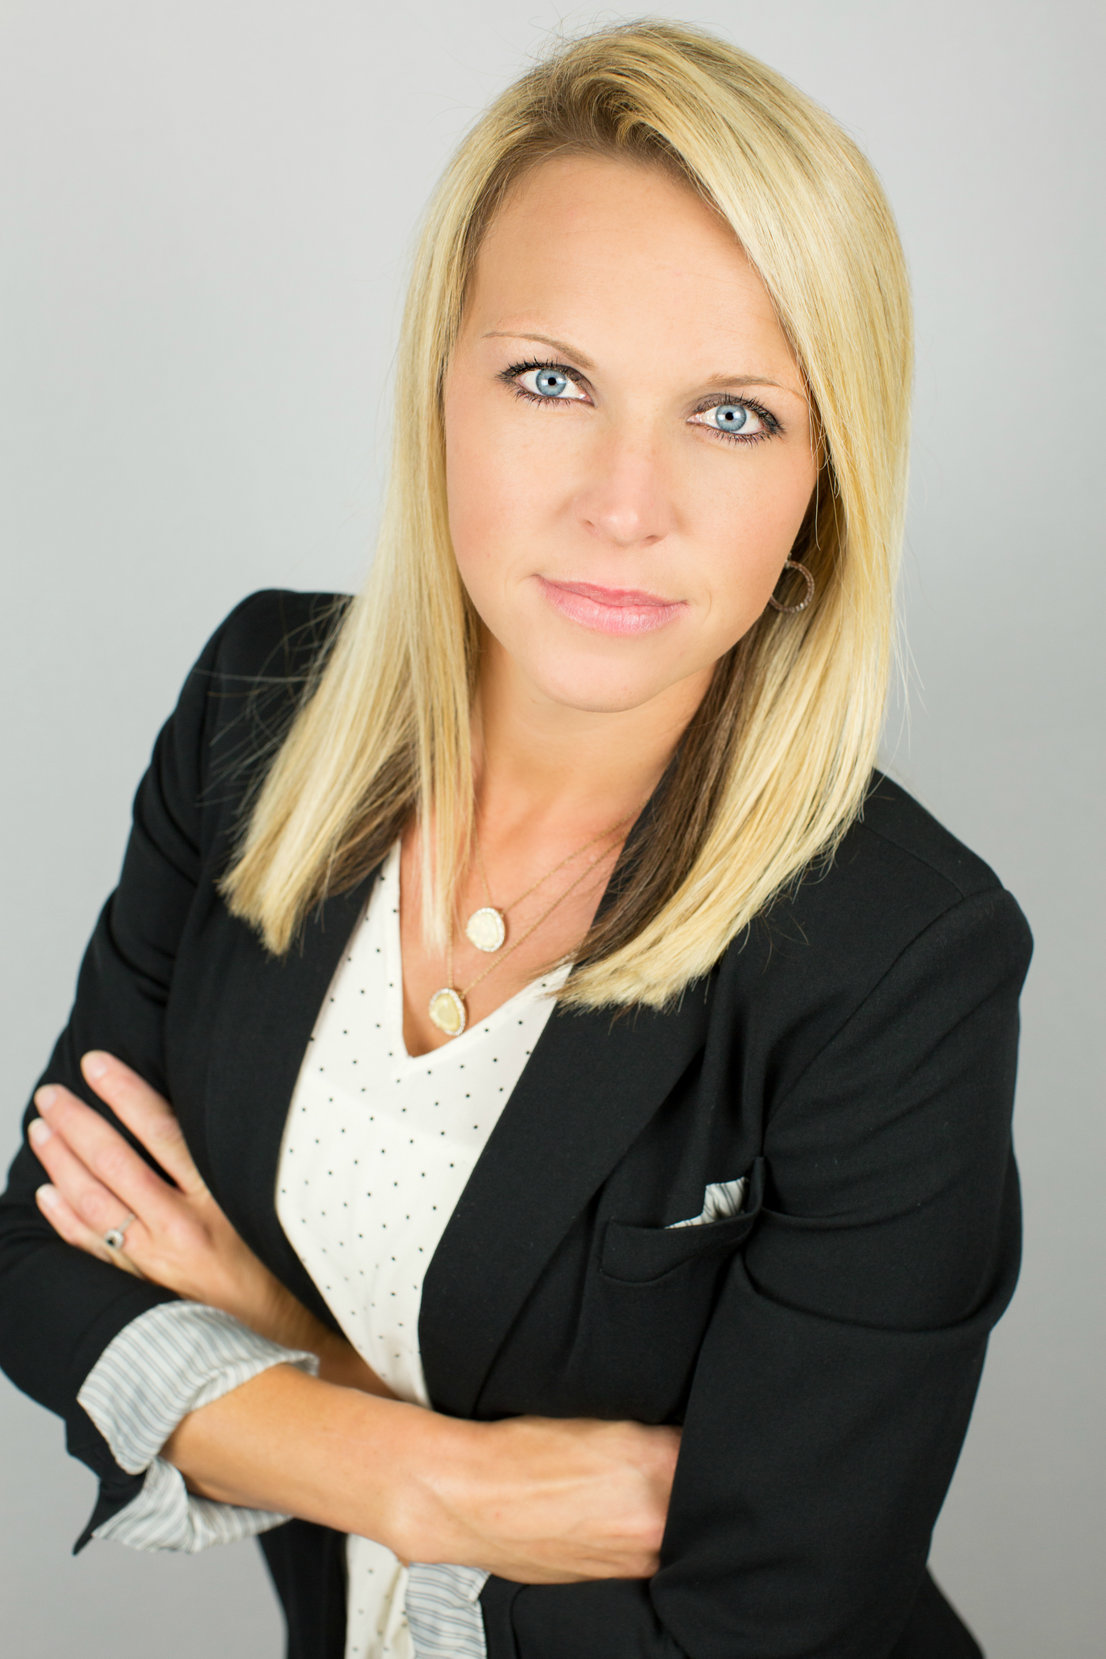 Alisha Bauchmoyer